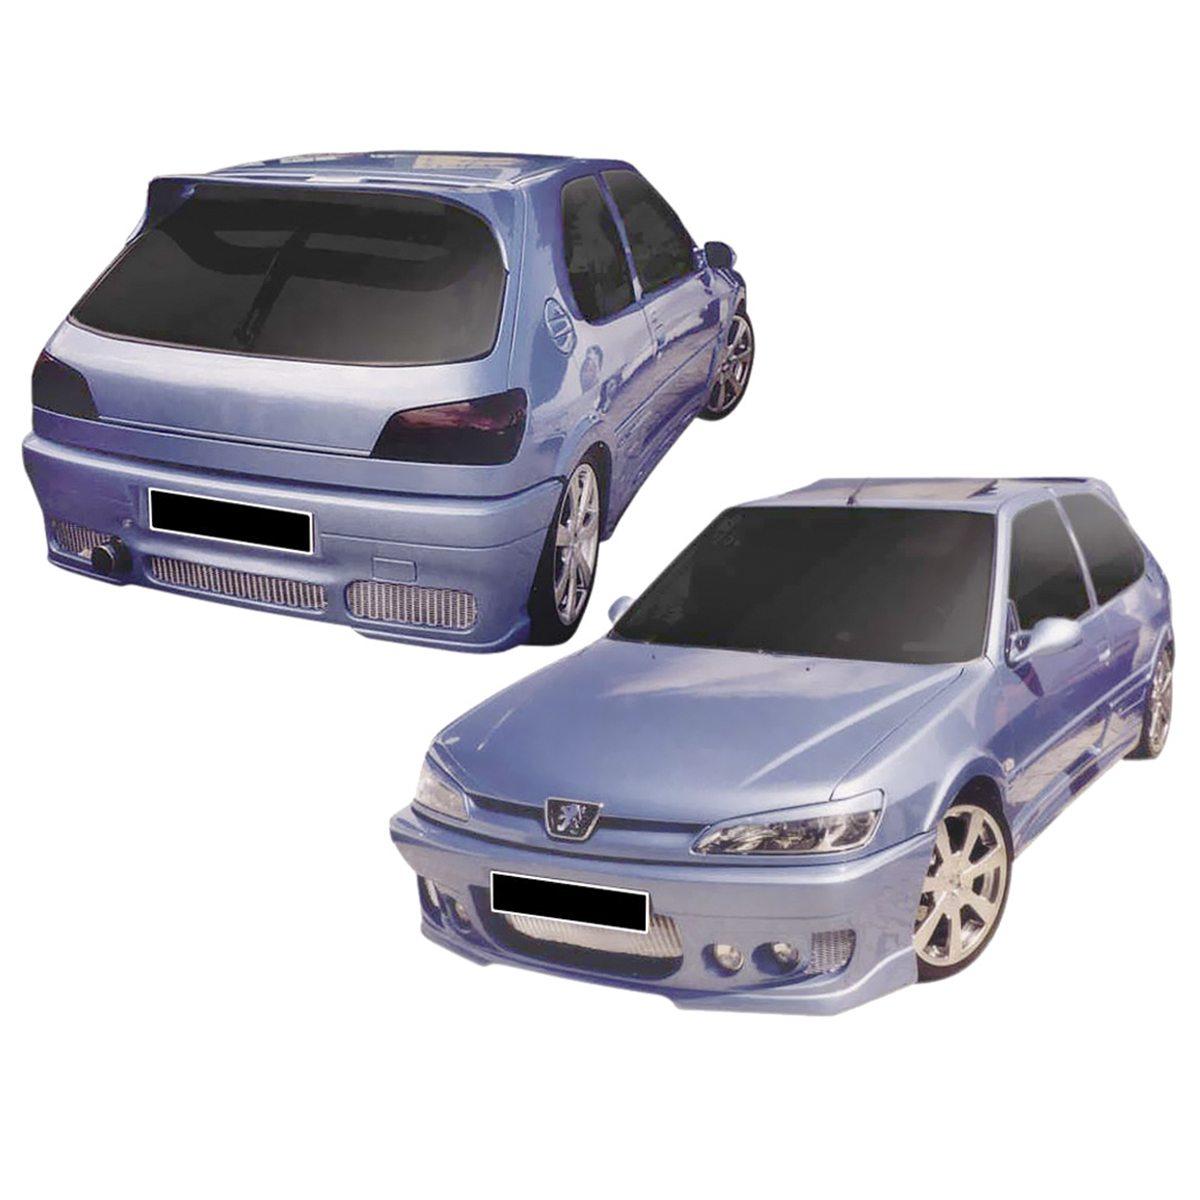 Peugeot-306-Probe-KIT-QTU137